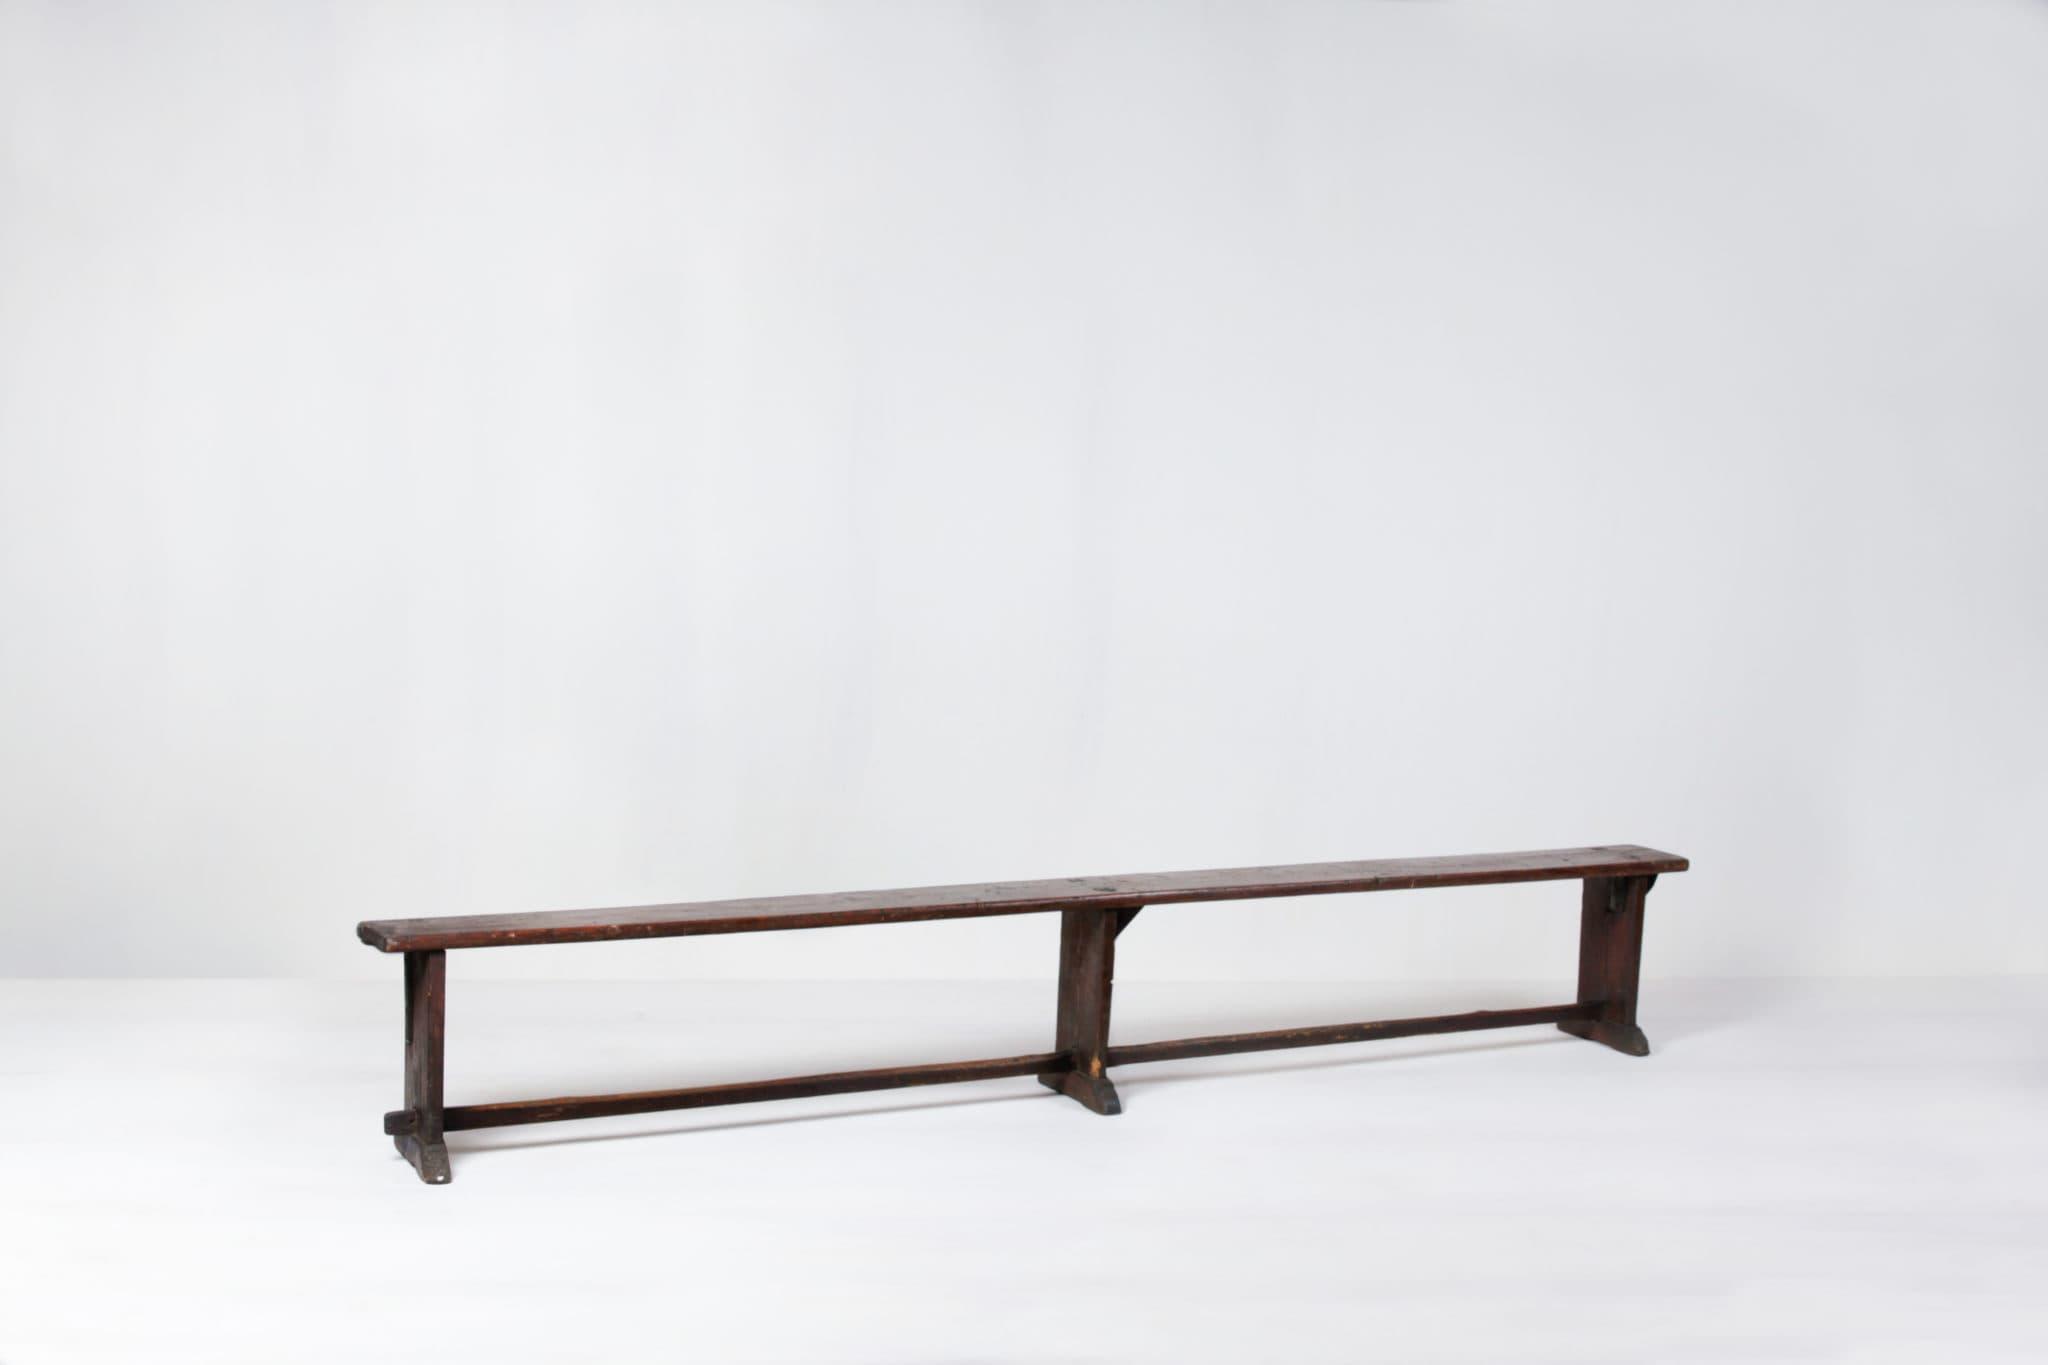 Vermietung von Holzmöbeln und Traubänken